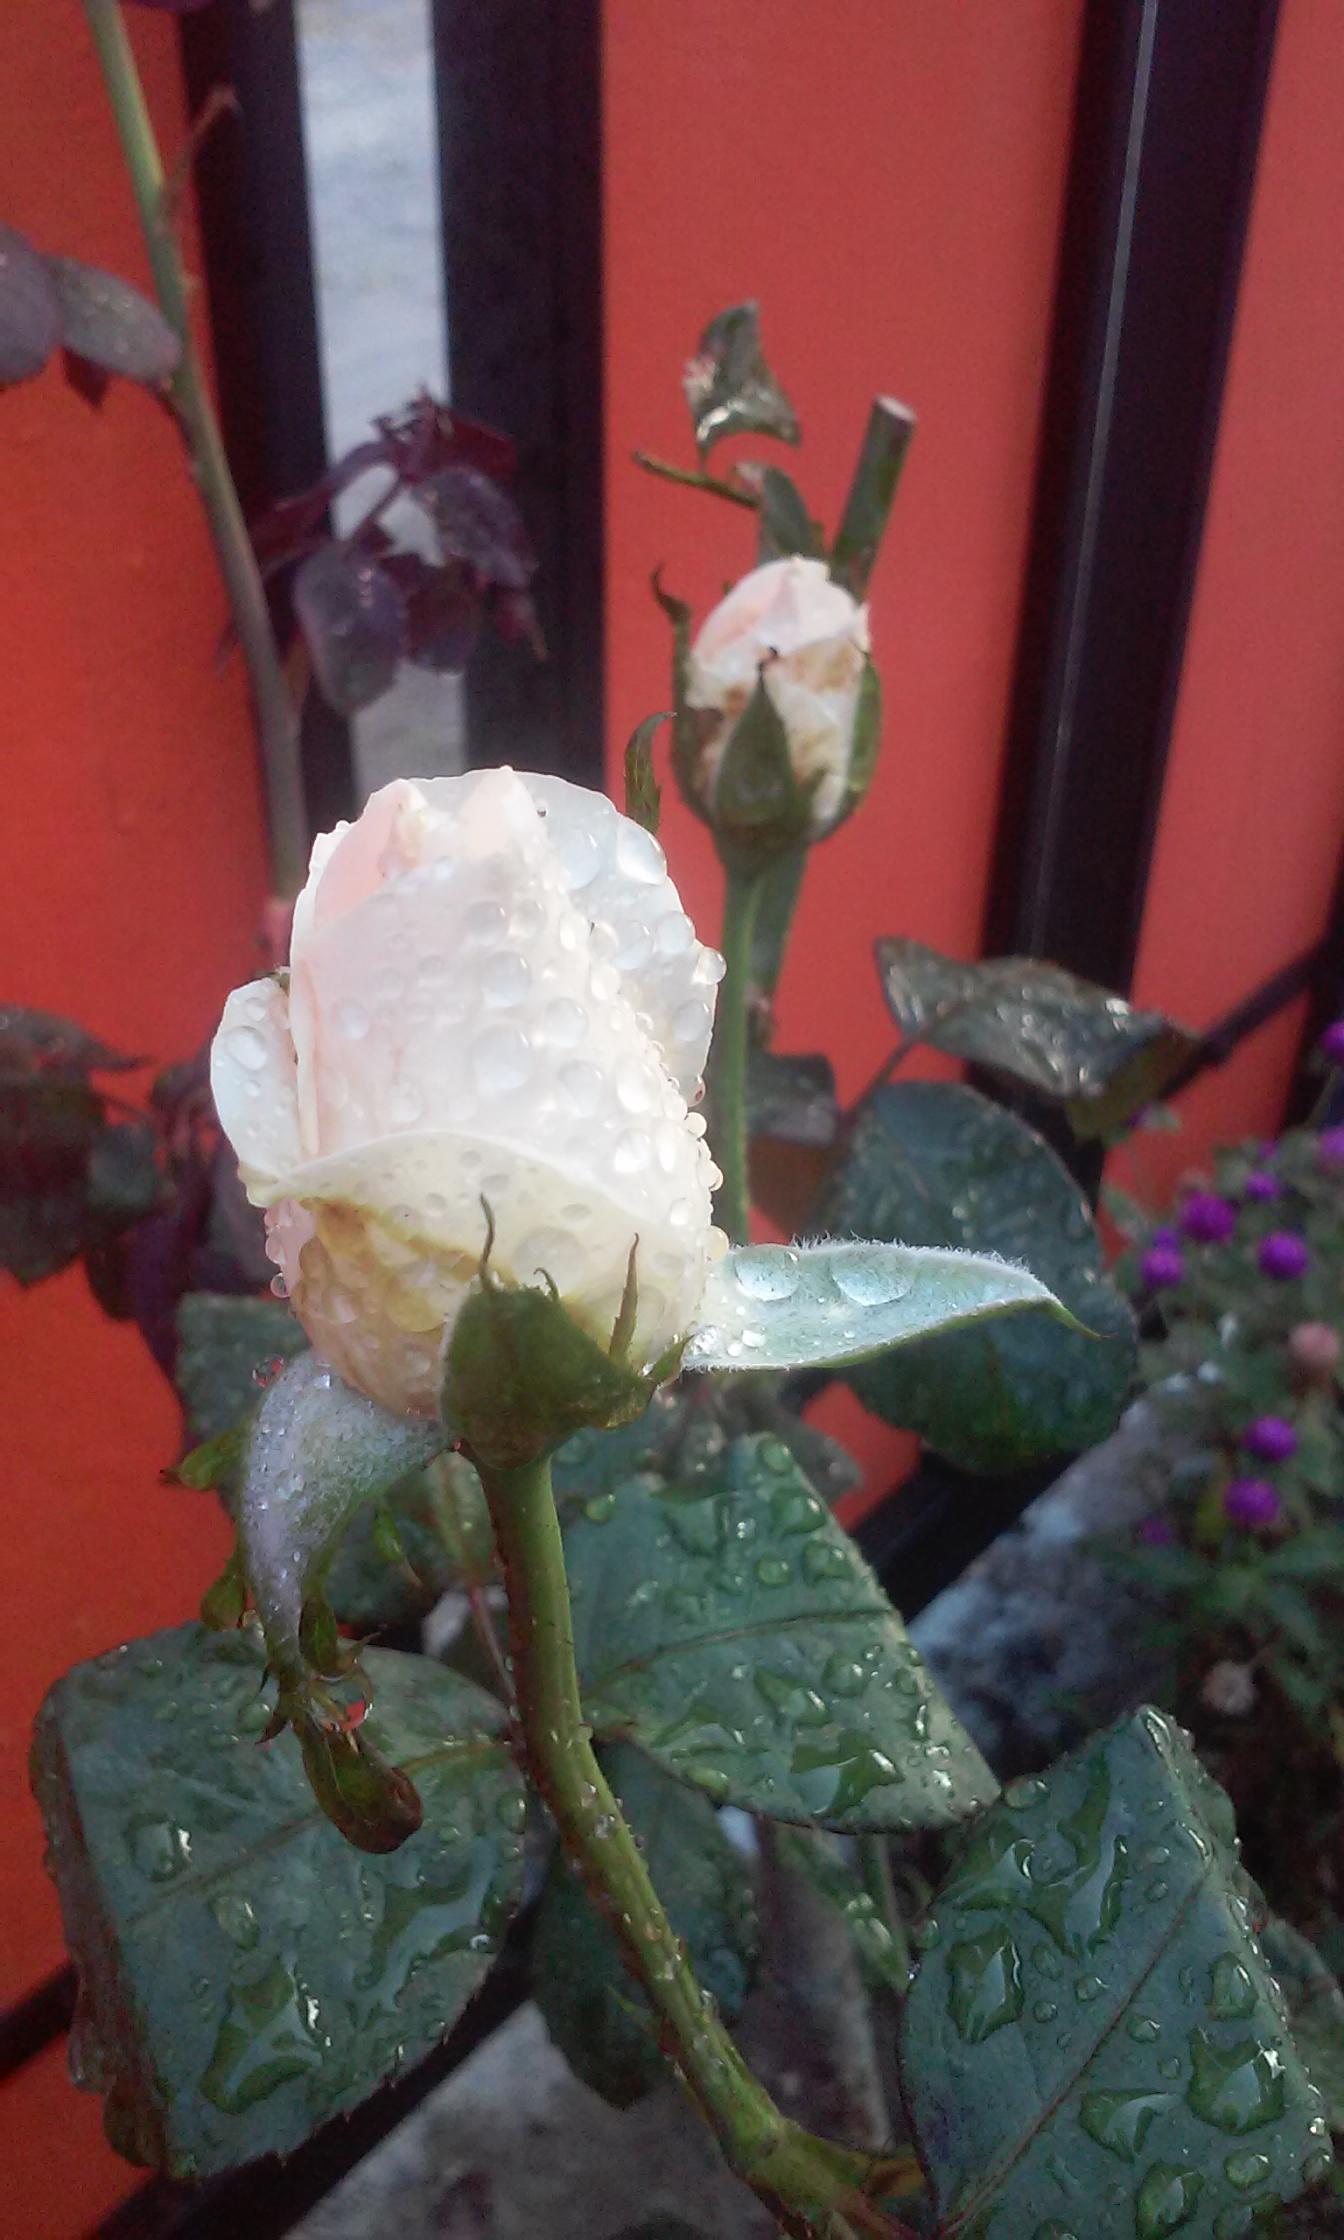 91+ Gambar Bunga Mawar Yang Mudah Paling Keren